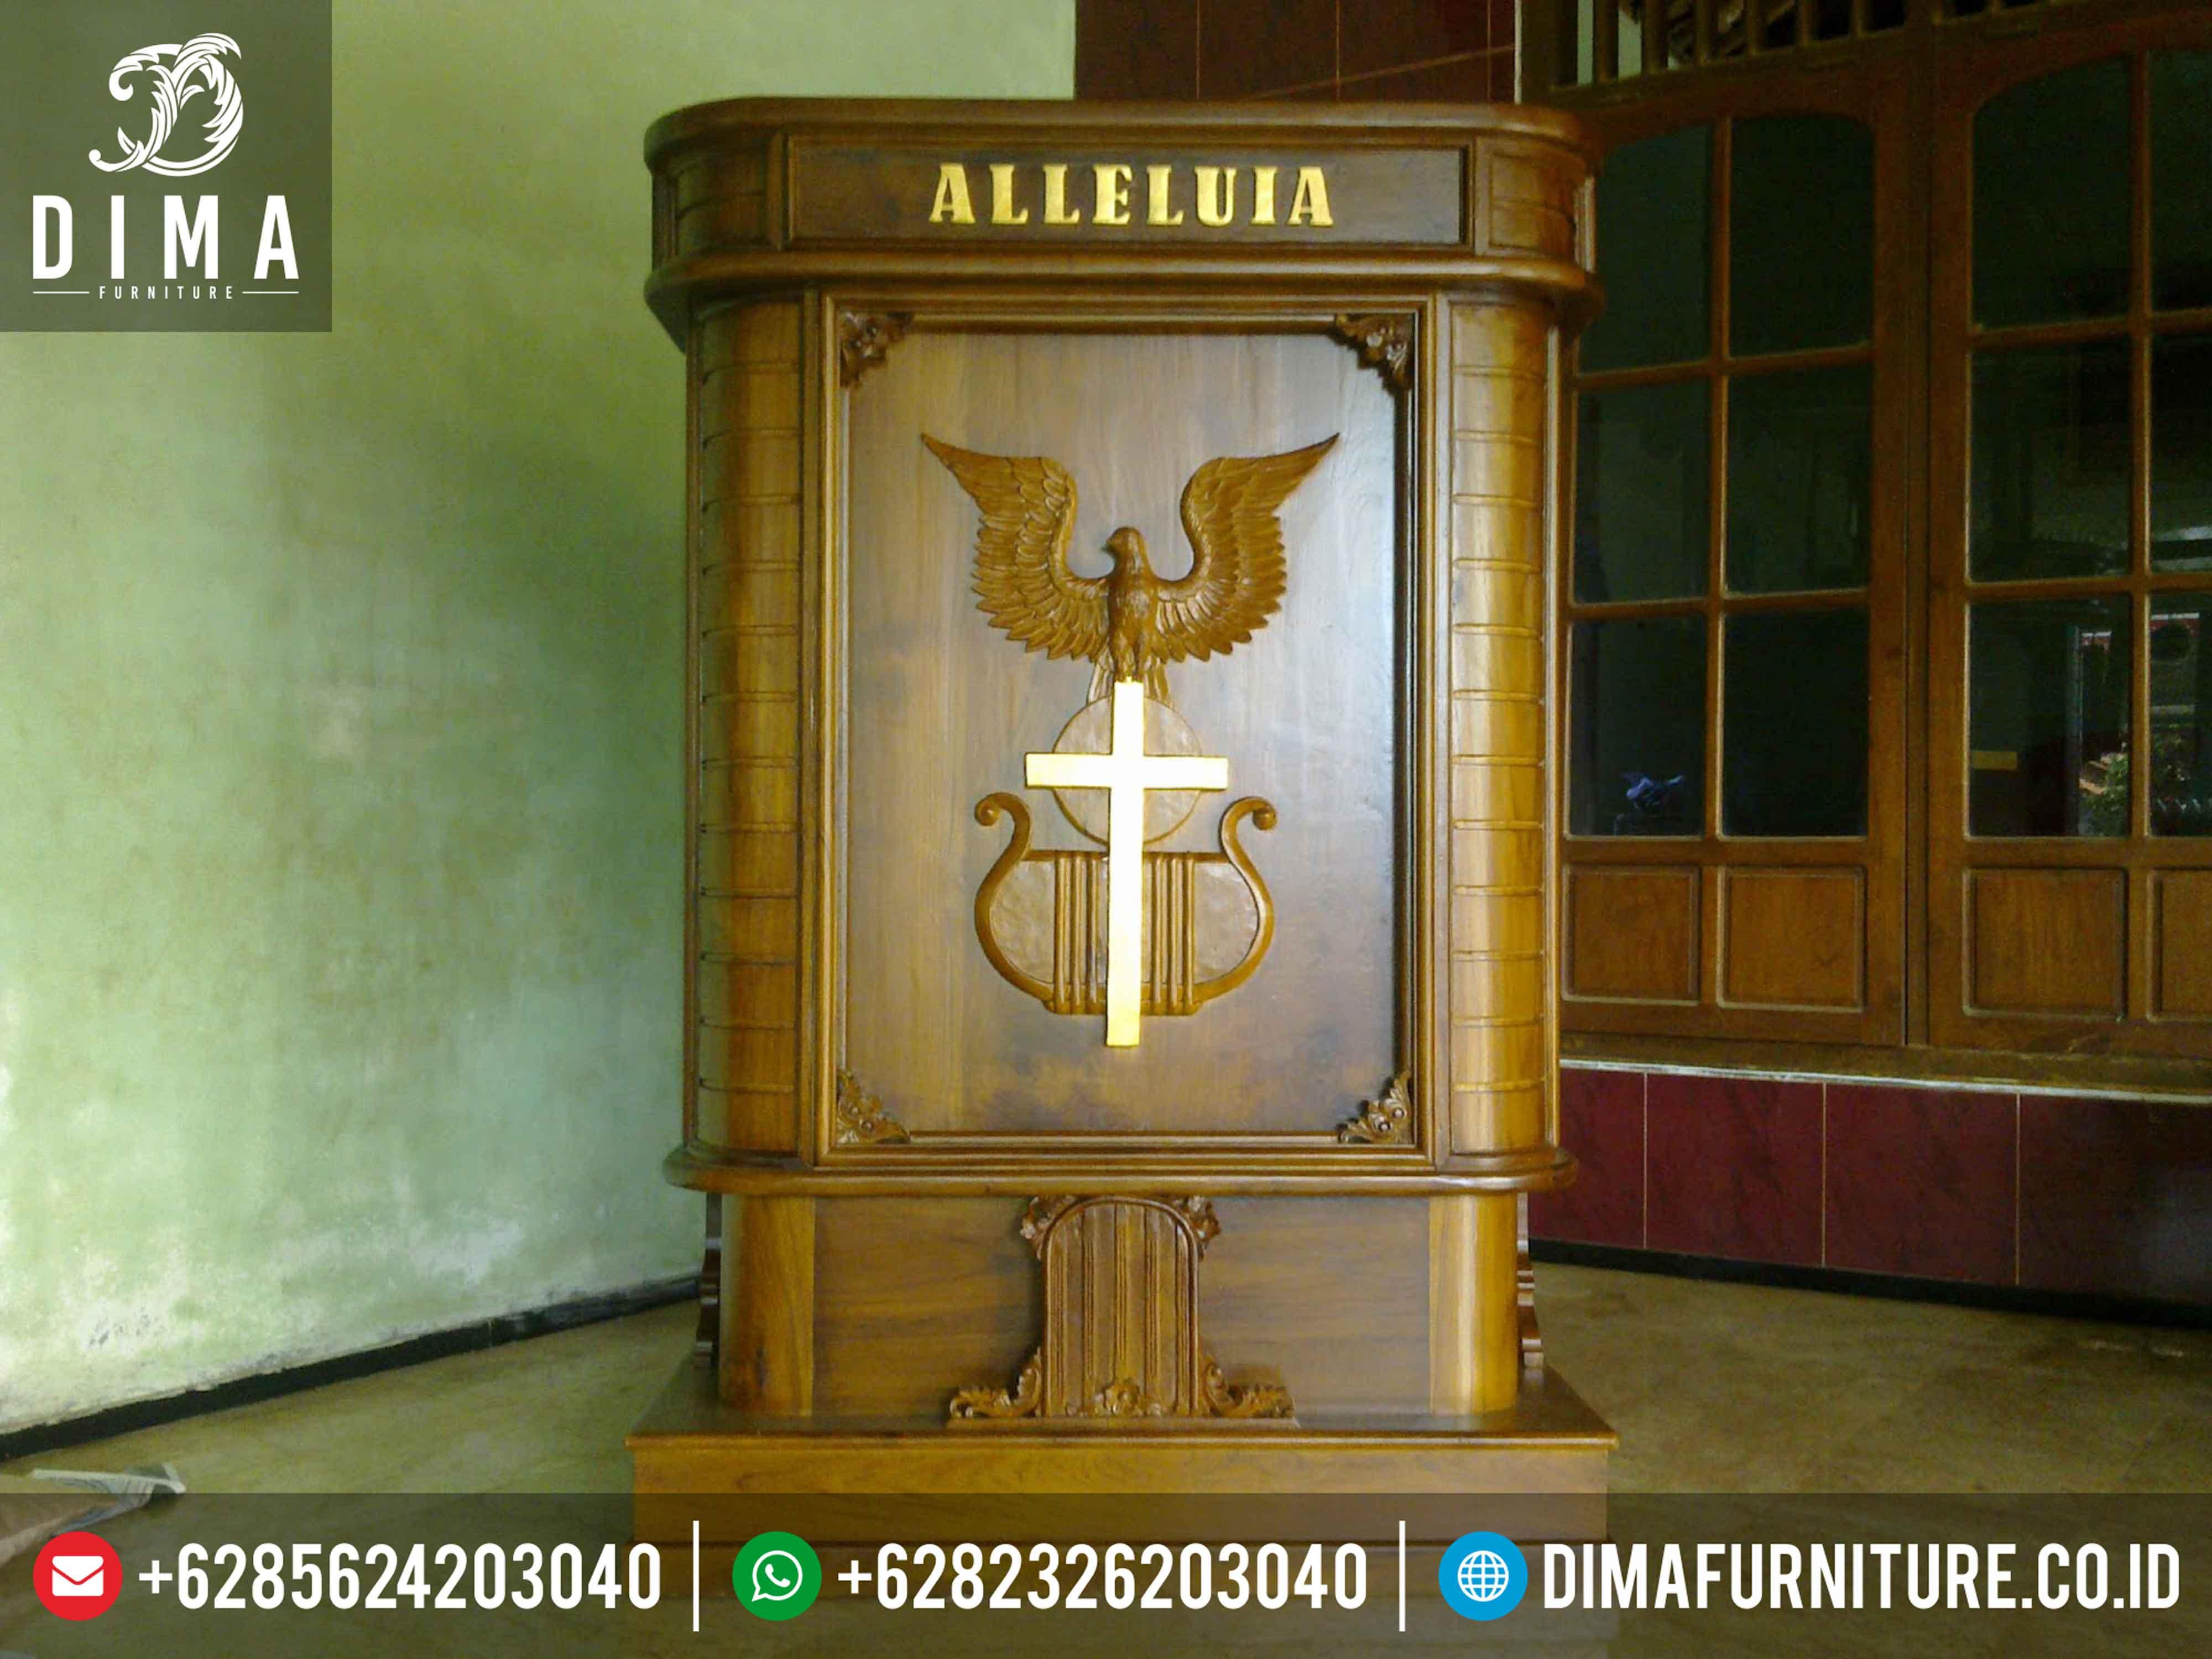 Mimbar Gereja Minimalis Terbaru, Mimbar Gereja Jati Jepara, Podium Mimbar Gereja Jati ST-0330 Gambar 1